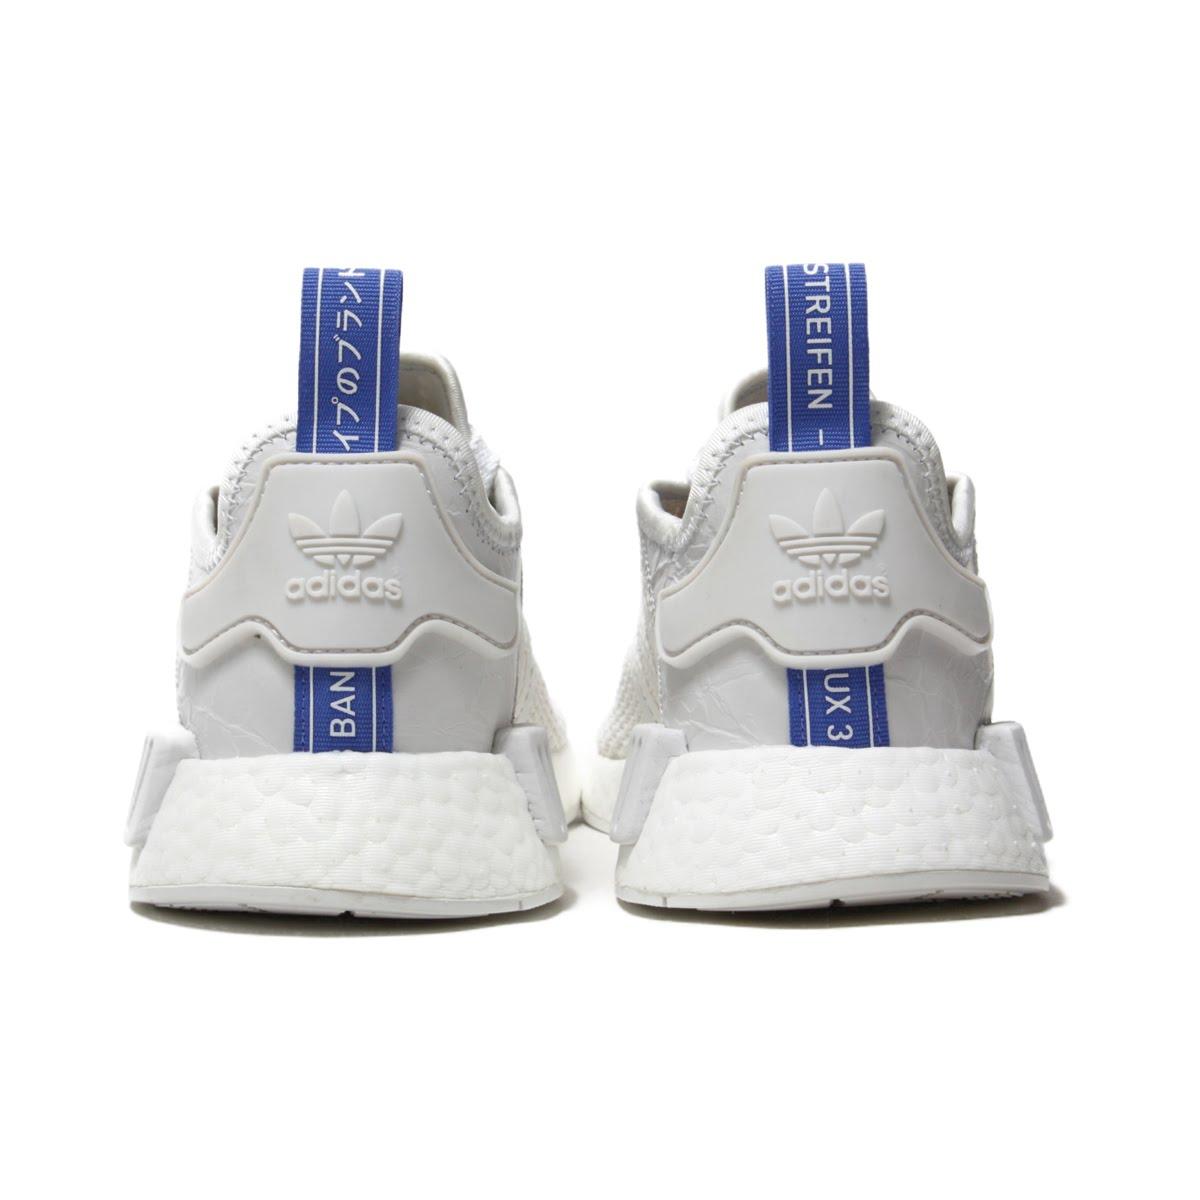 best cheap 4a91e 7a718 adidas Originals NMD R1 W (Adidas originals N M D R1W) Crystal WhiteCrystal  WhiteReal Lilac 18FW-I